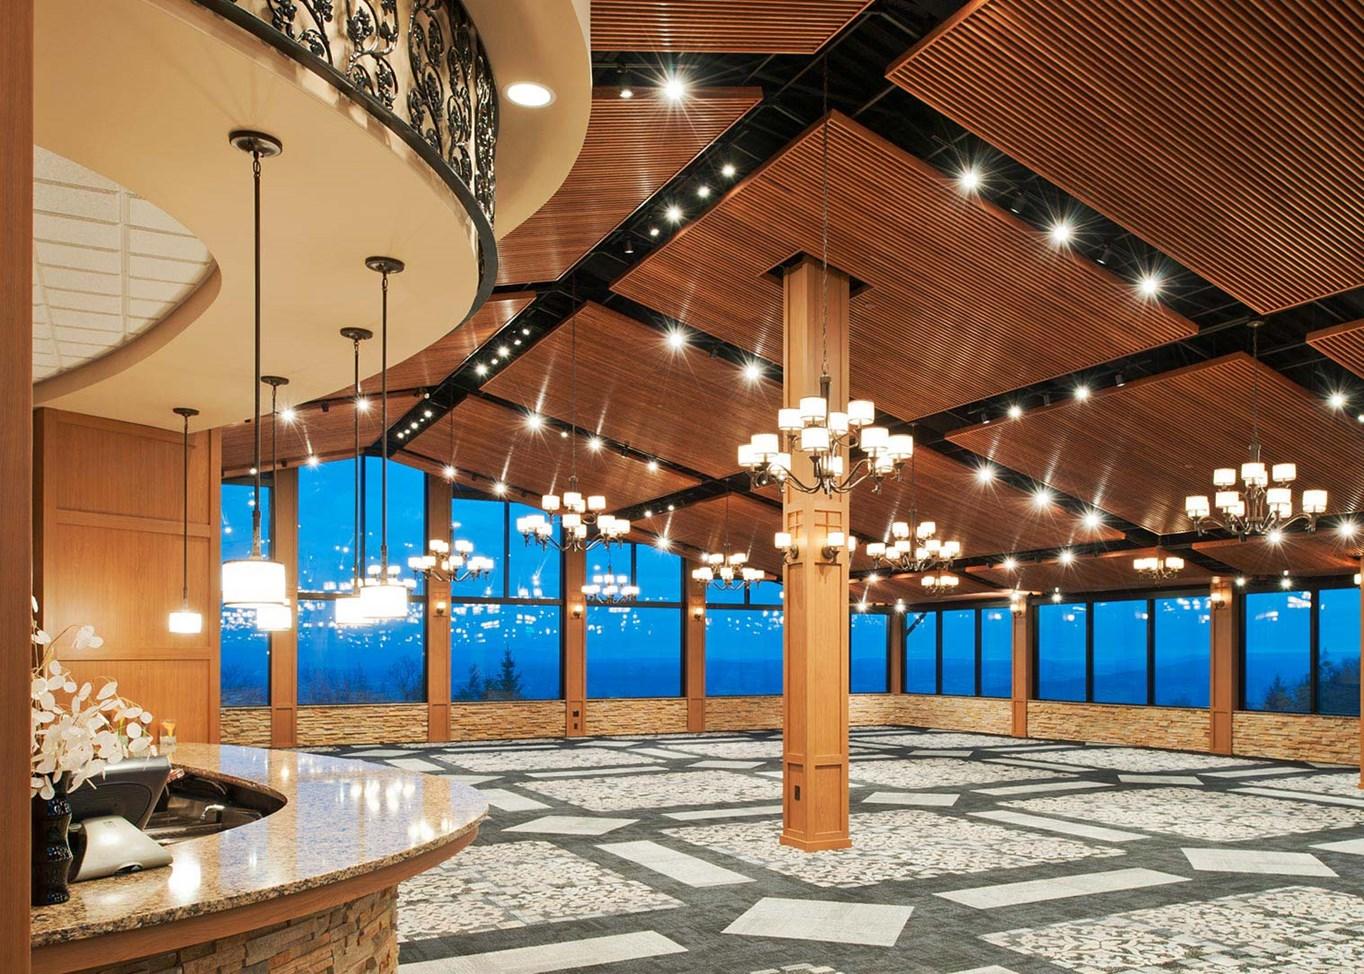 Blue Mountain Resort Image 13